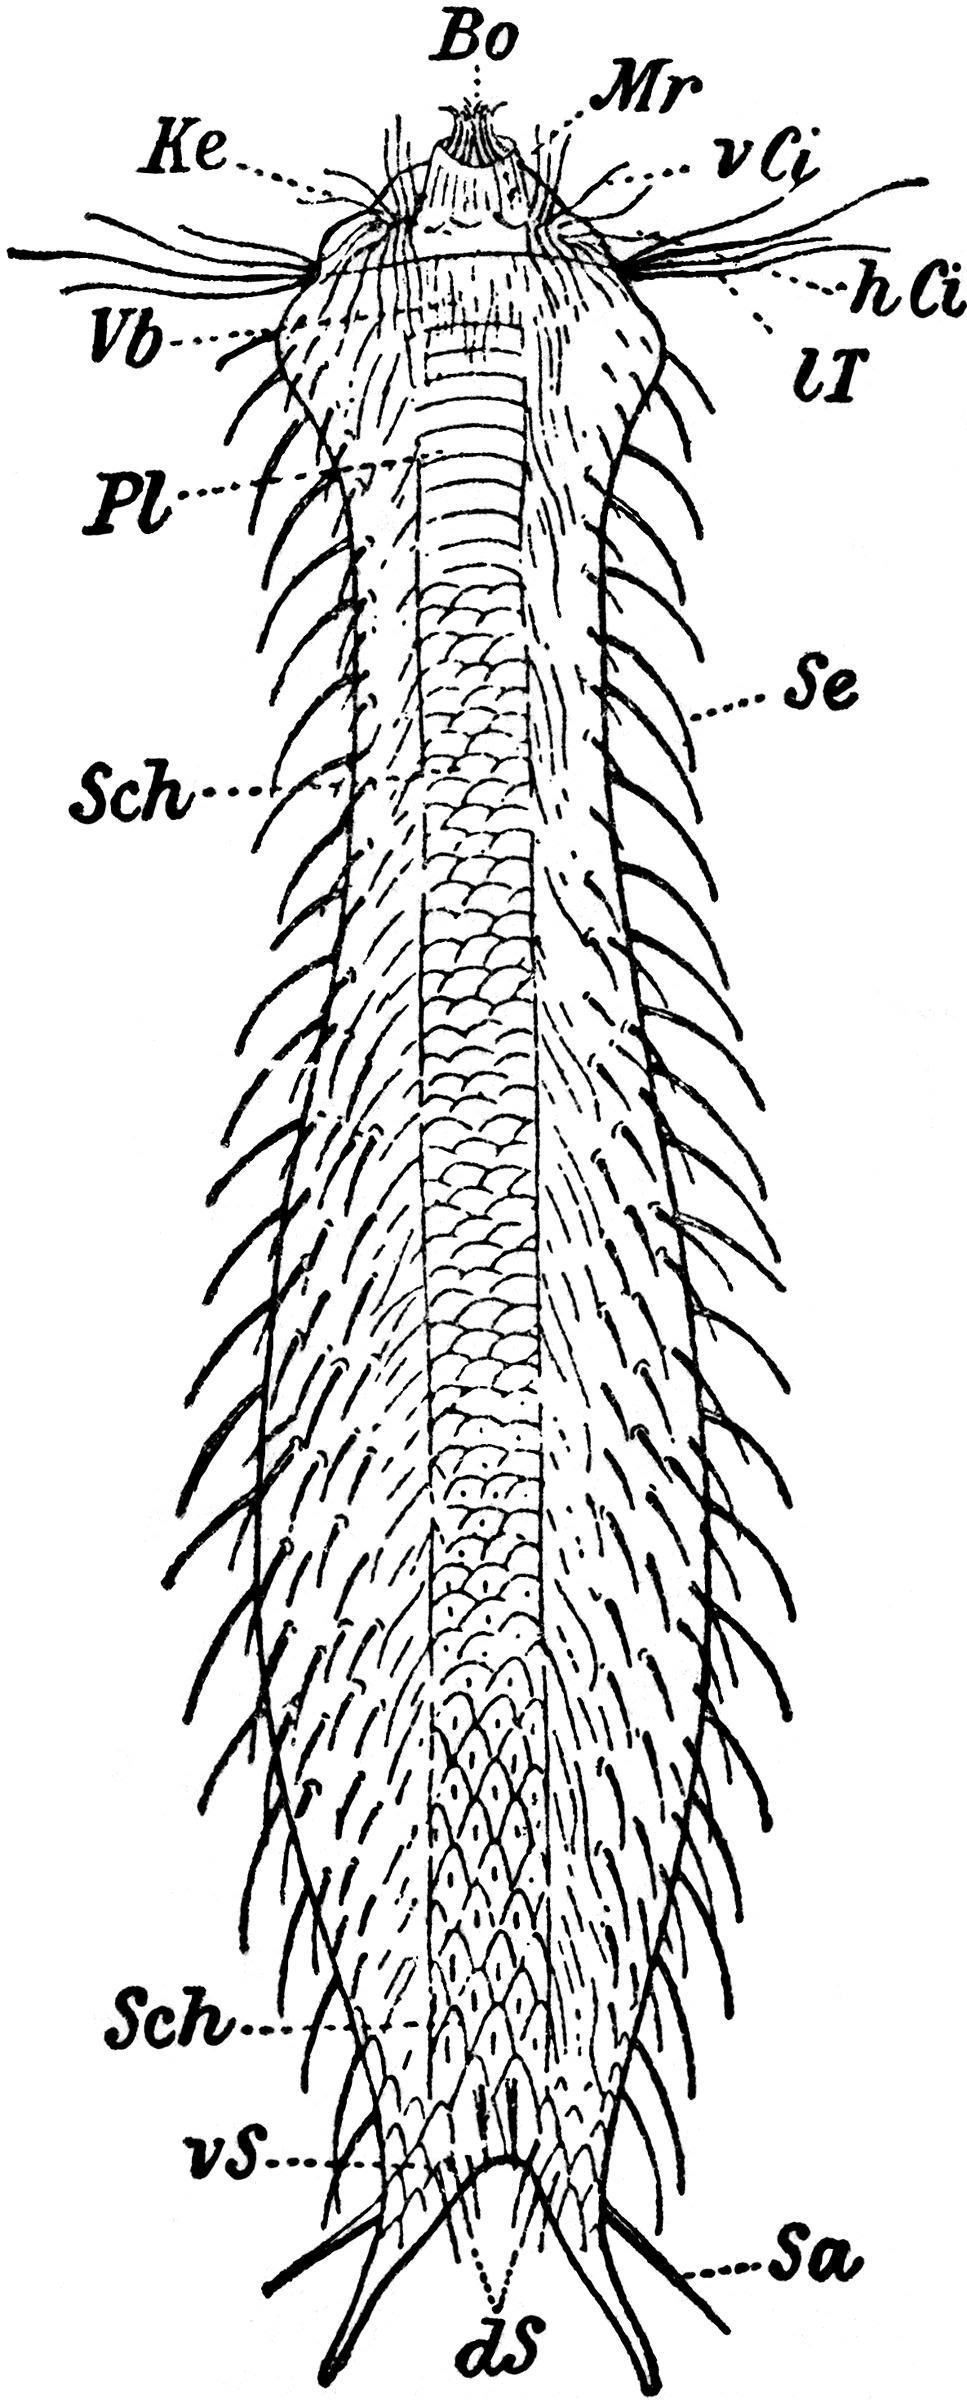 Image of Chaetonotidae